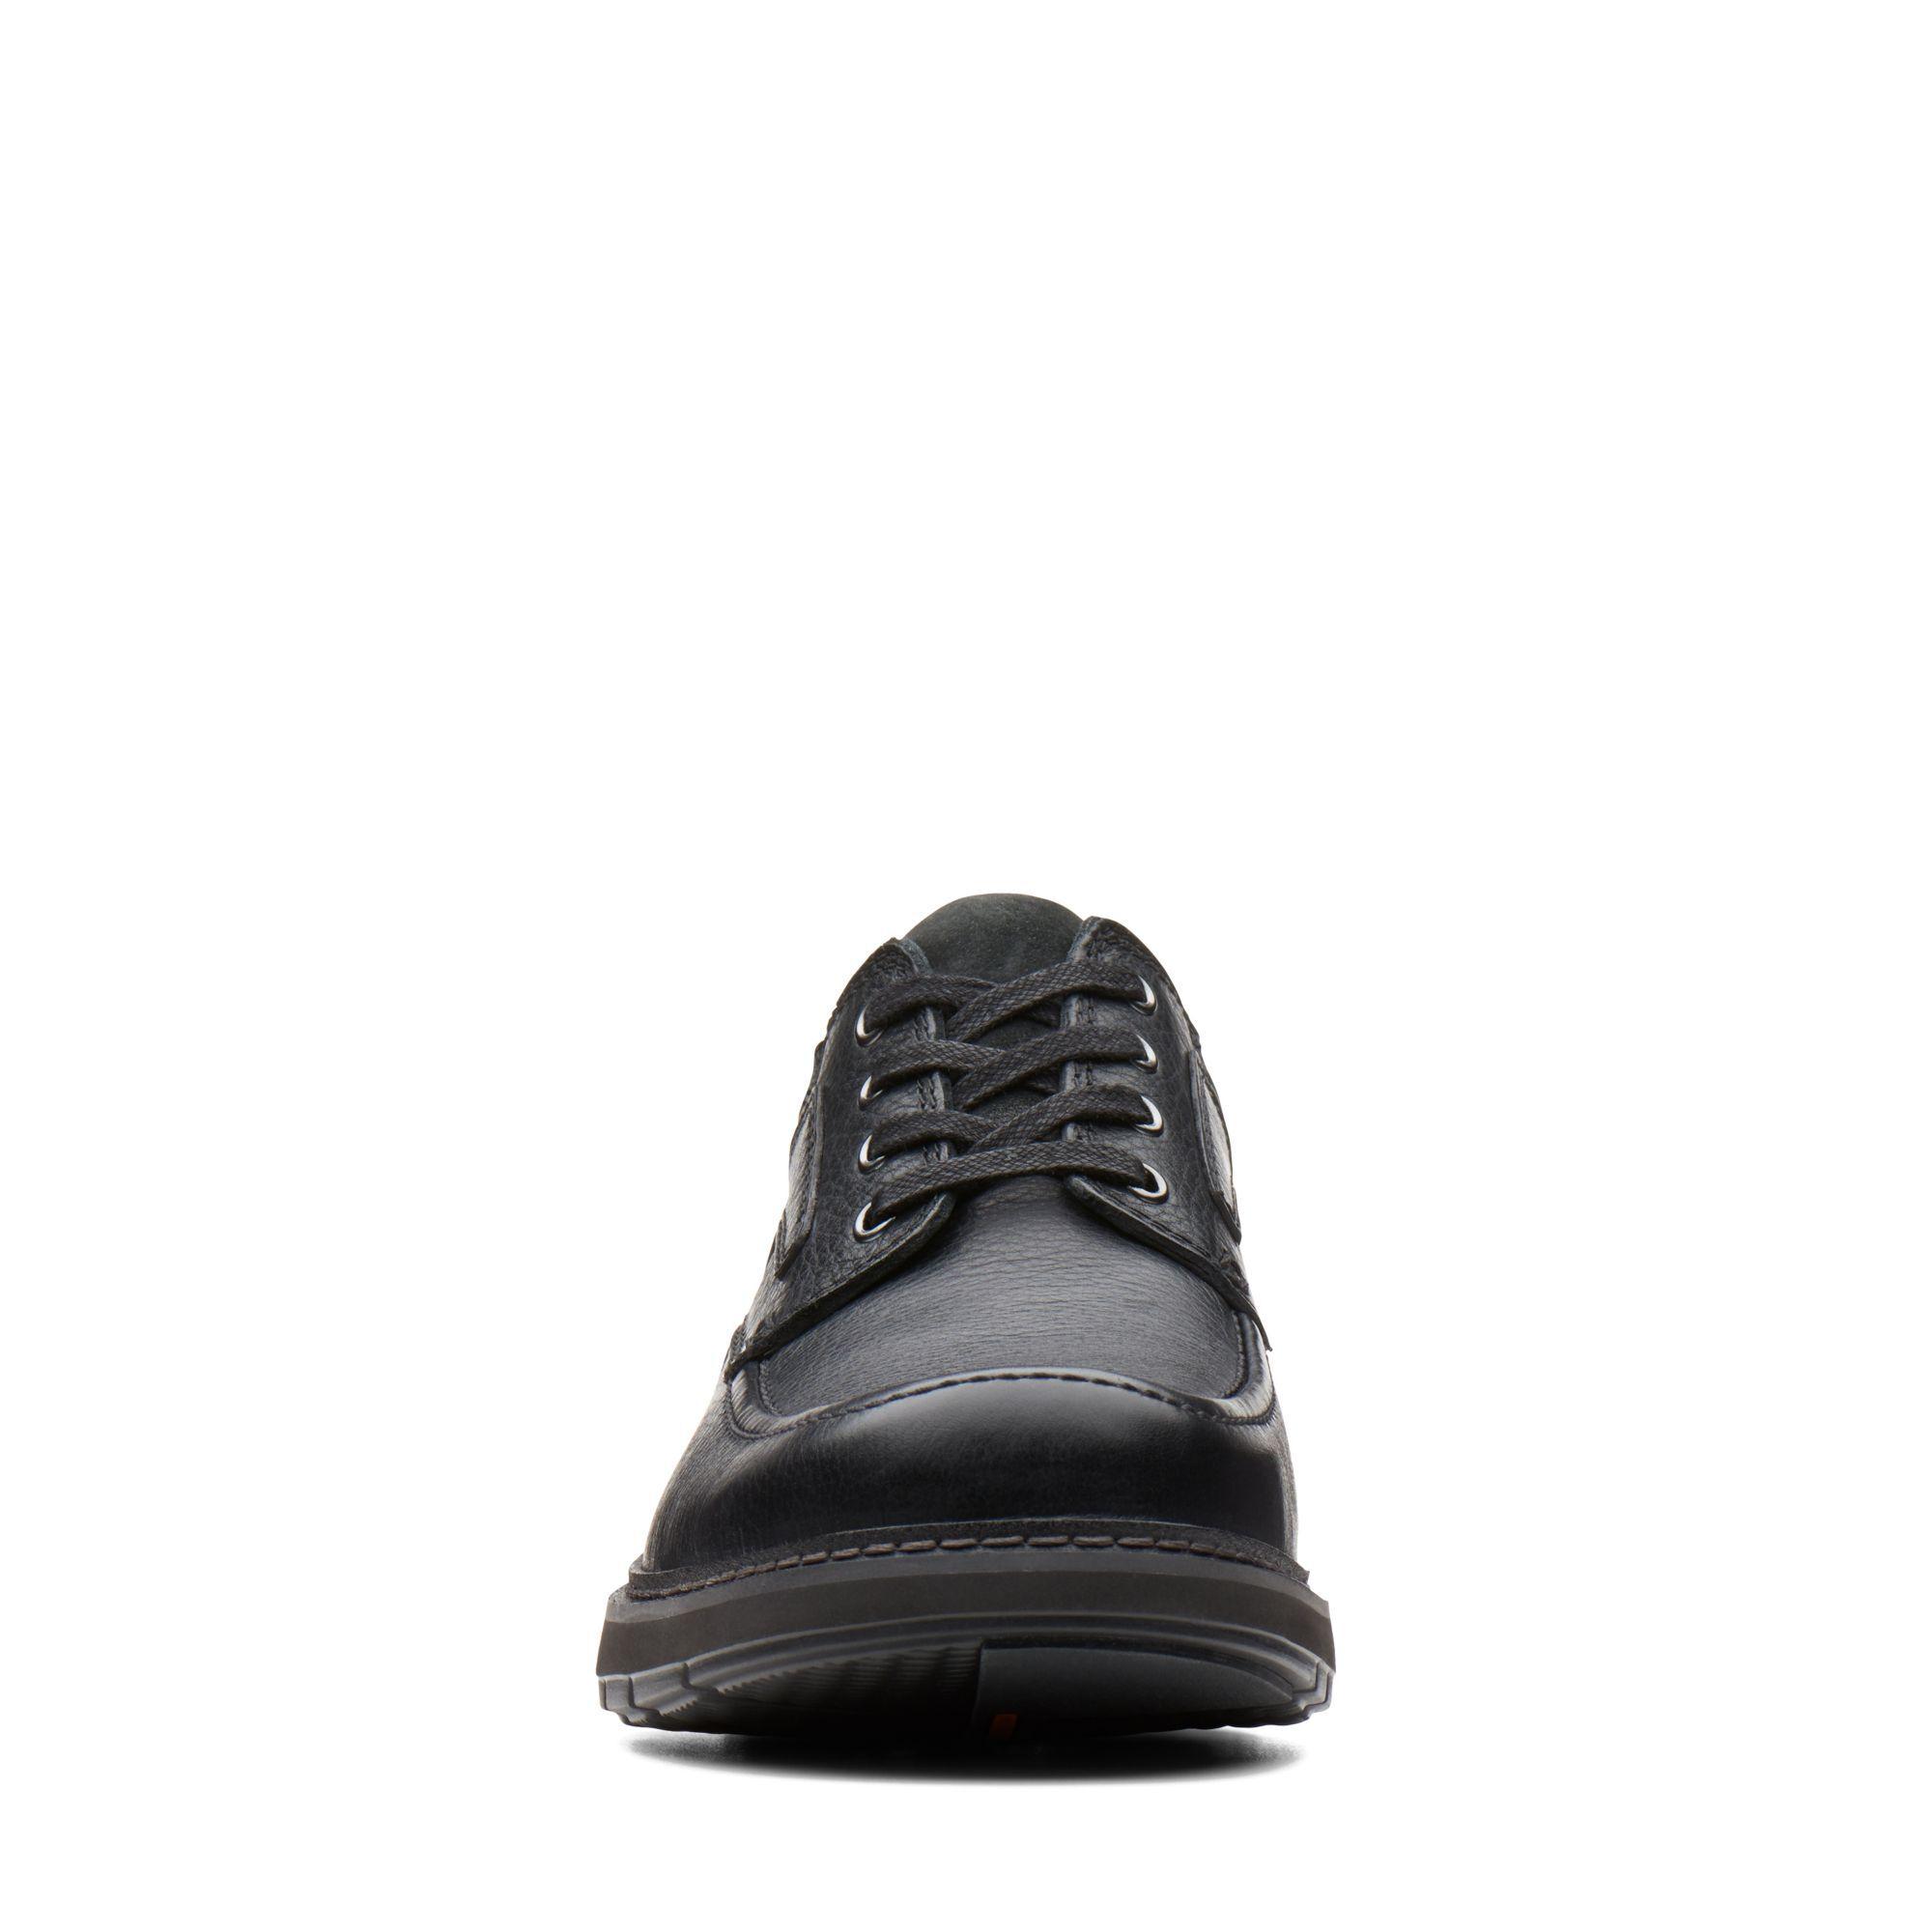 Men's Black Leather Shoes - Un Ramble